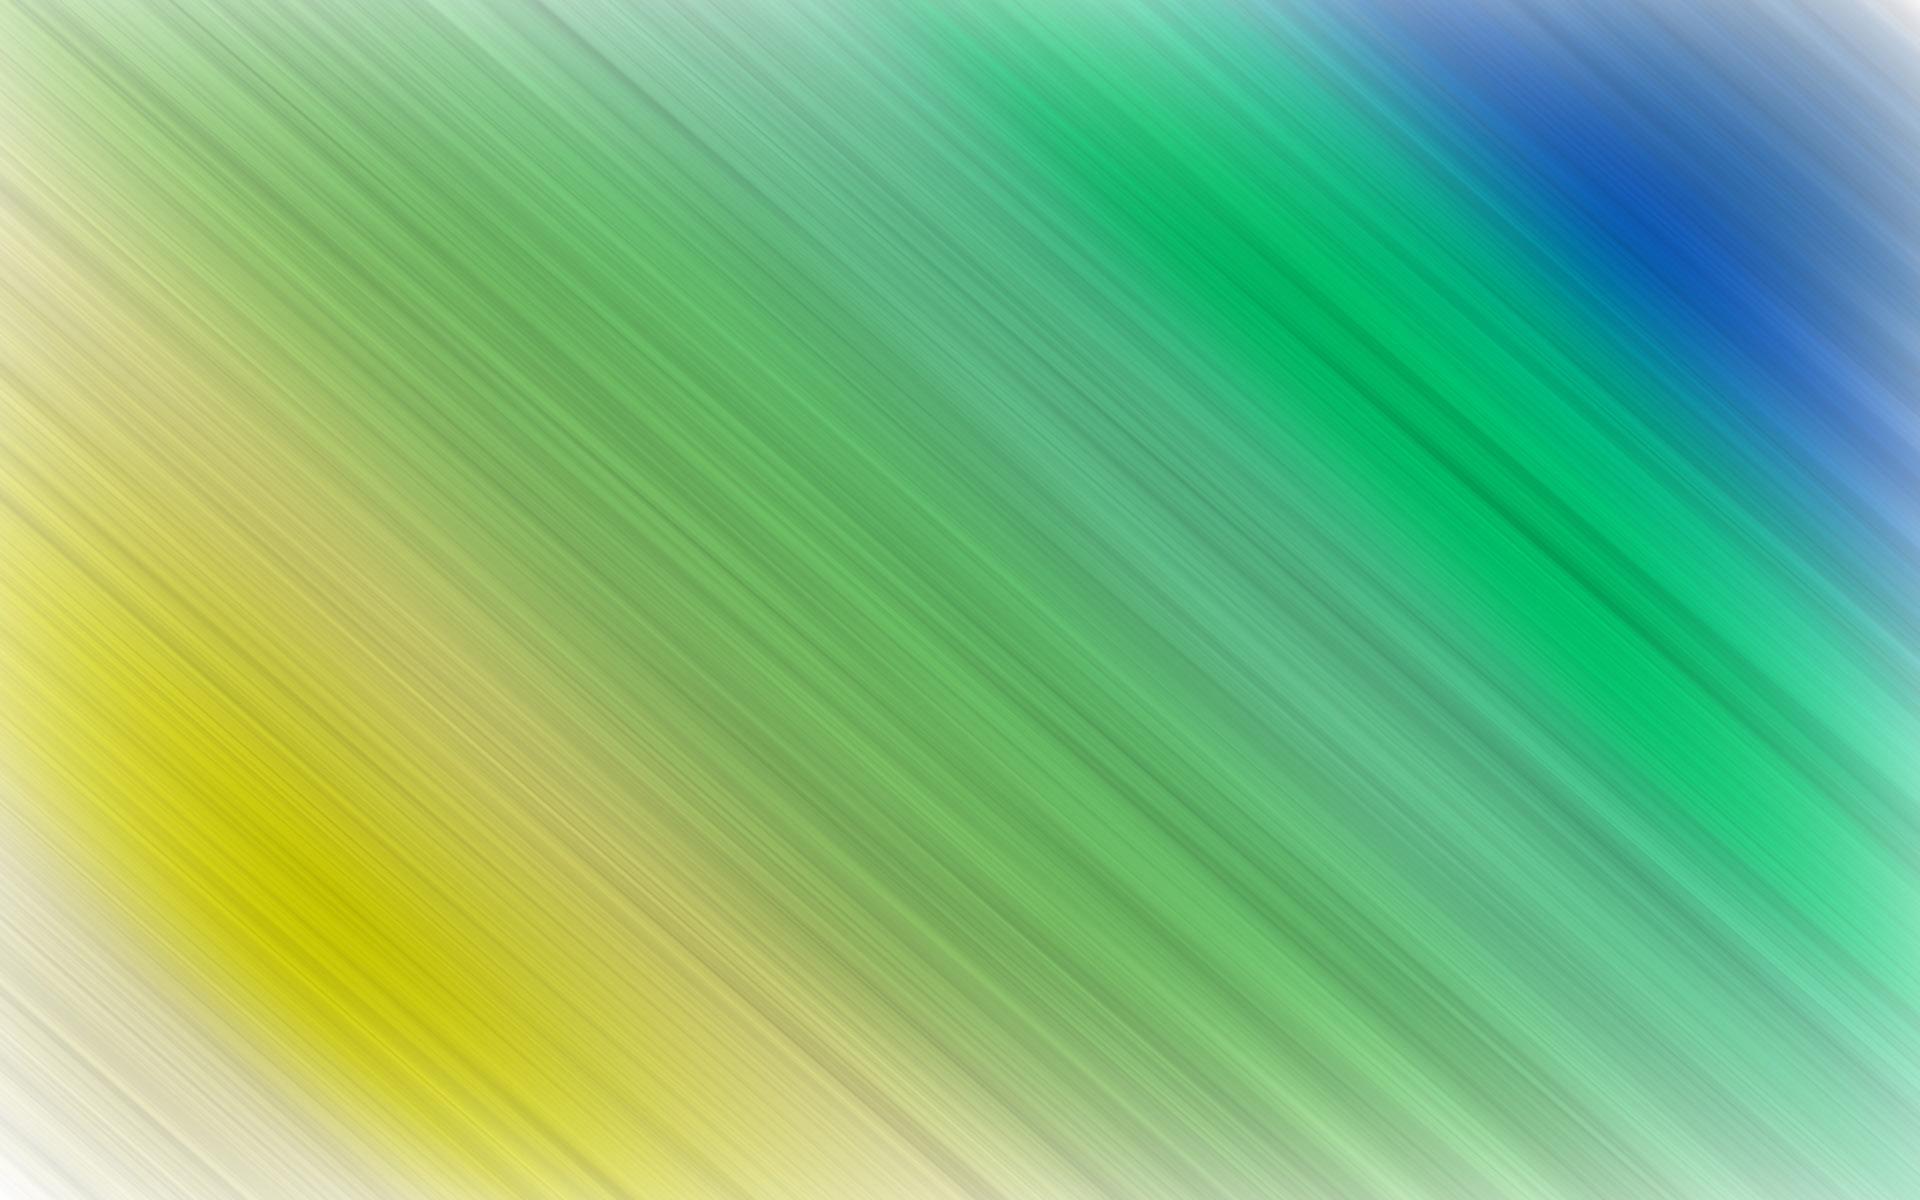 fractal hd image